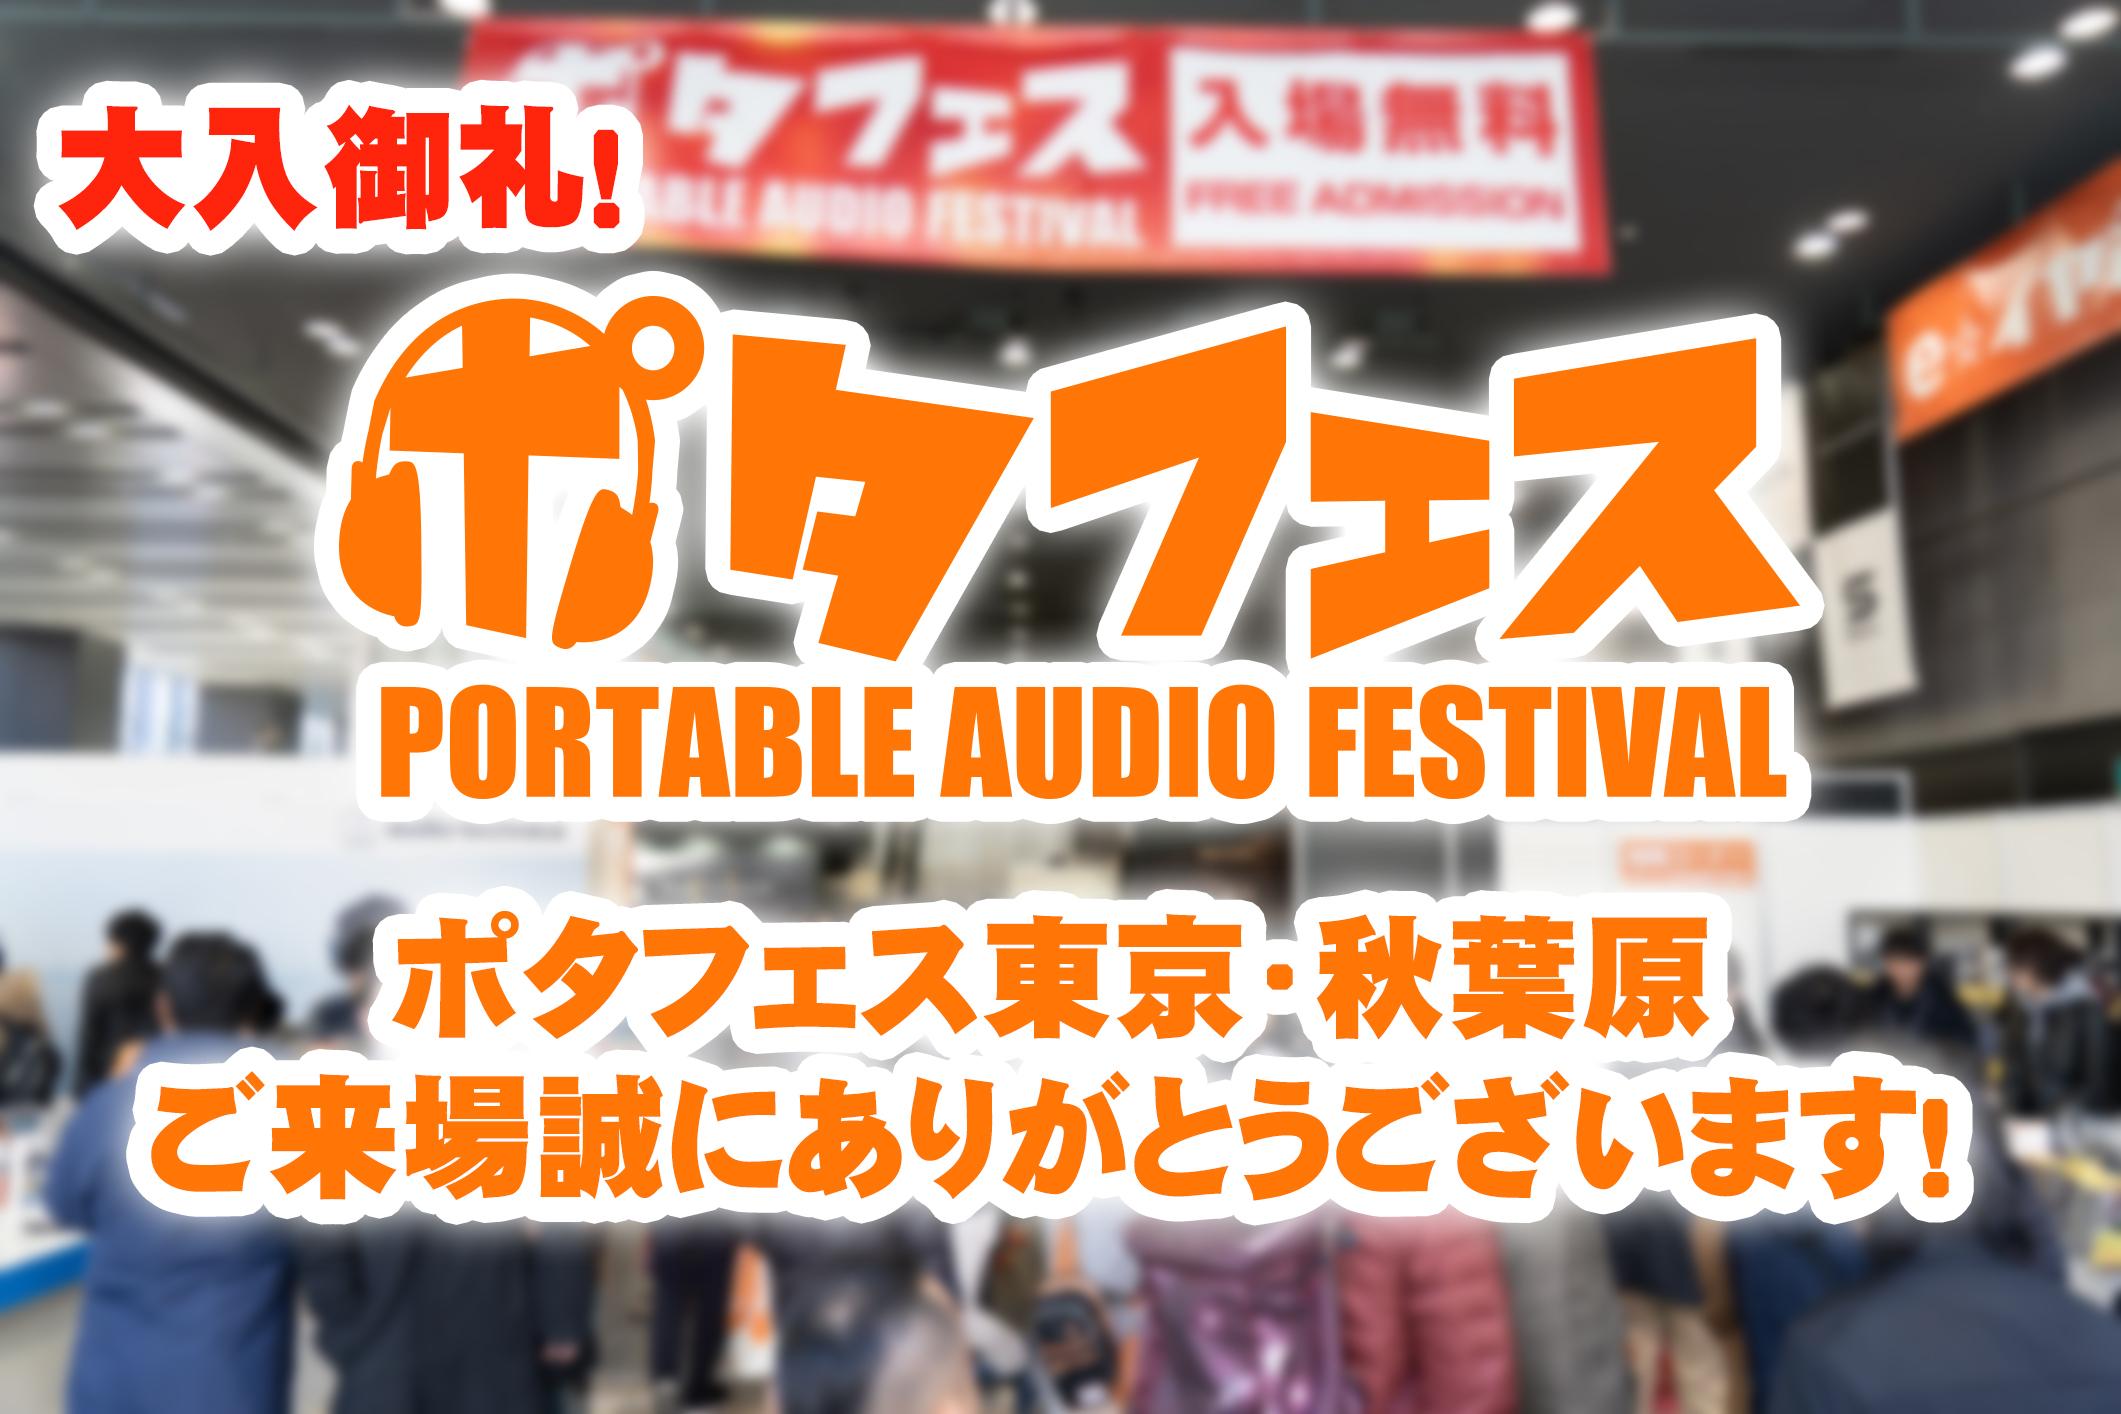 【大入御礼!】ポタフェス2018 WINTER 東京・秋葉原 ご来場いただき誠にありがとうございました!!